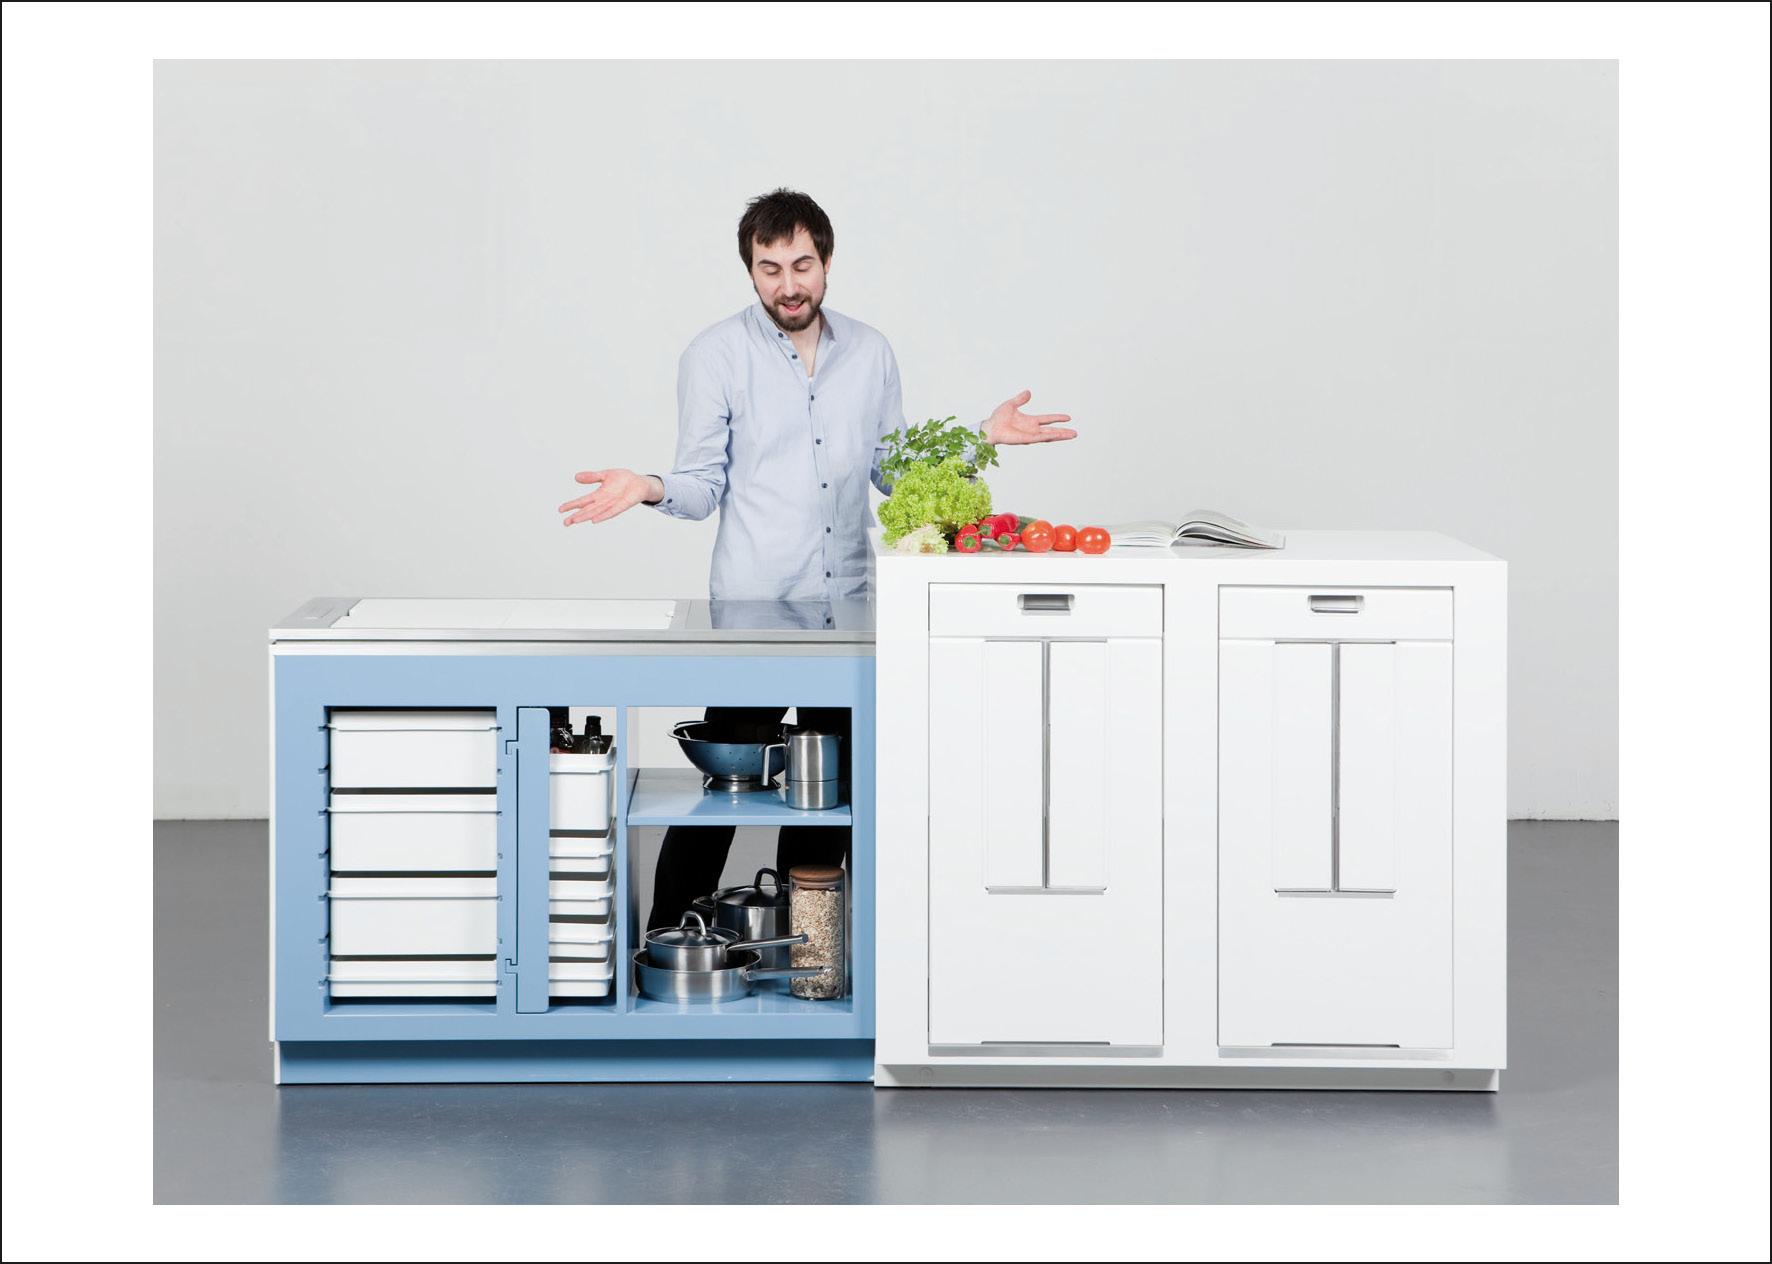 Entwürfe - 1, 2, 3 … leichte Küche